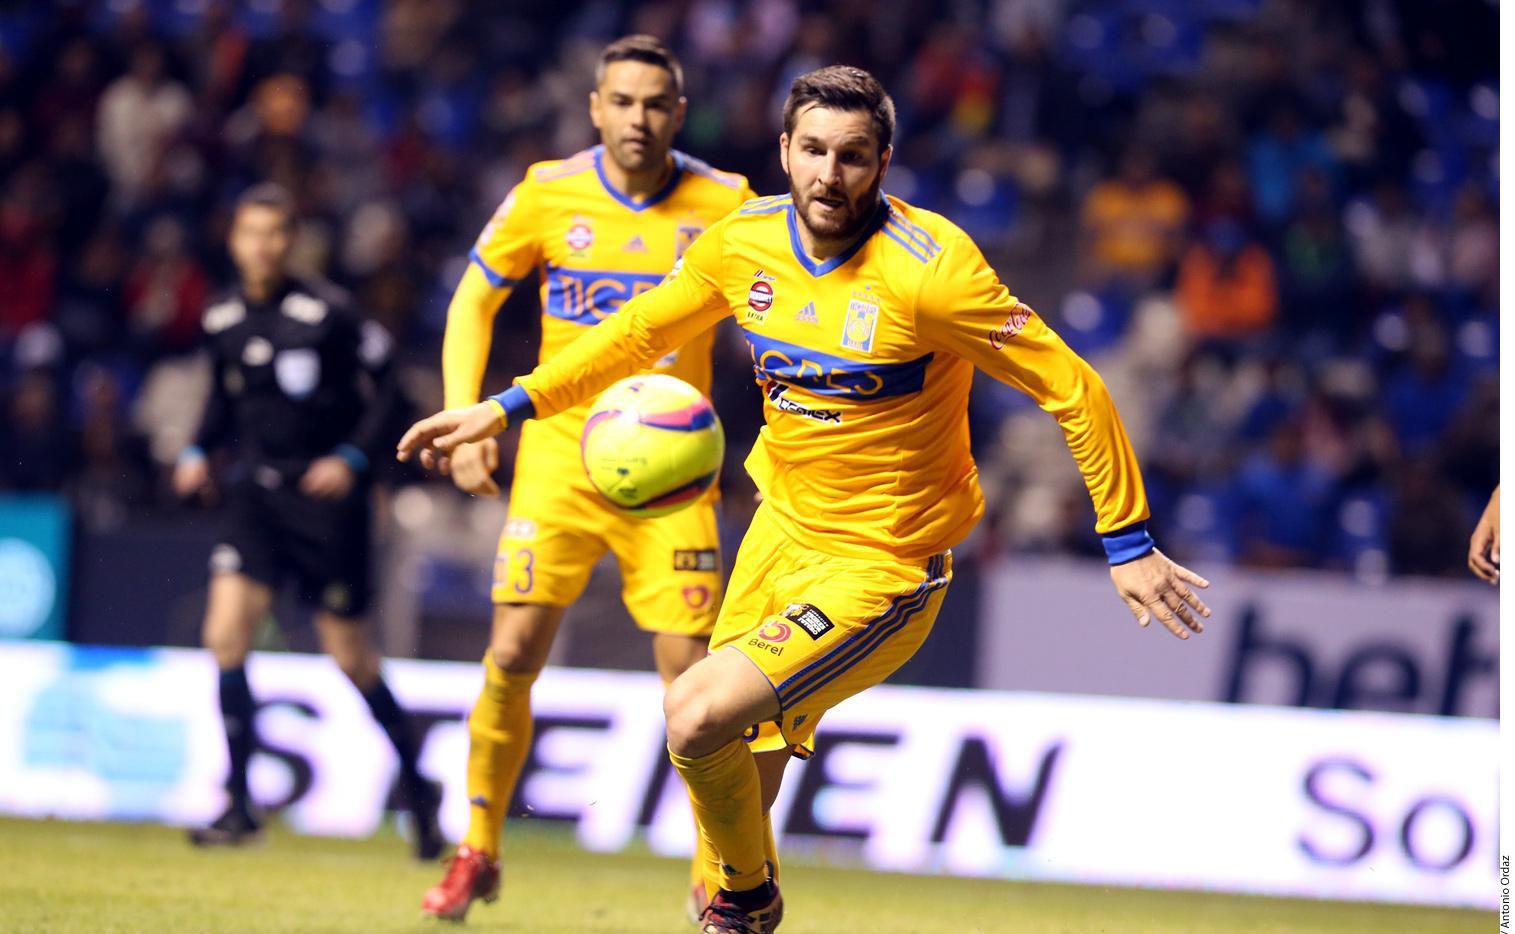 El delantero francés André-Pierre Gignac ha sido una constante goleadora en la delantera de Tigres.(AGENCIA REFORMA)